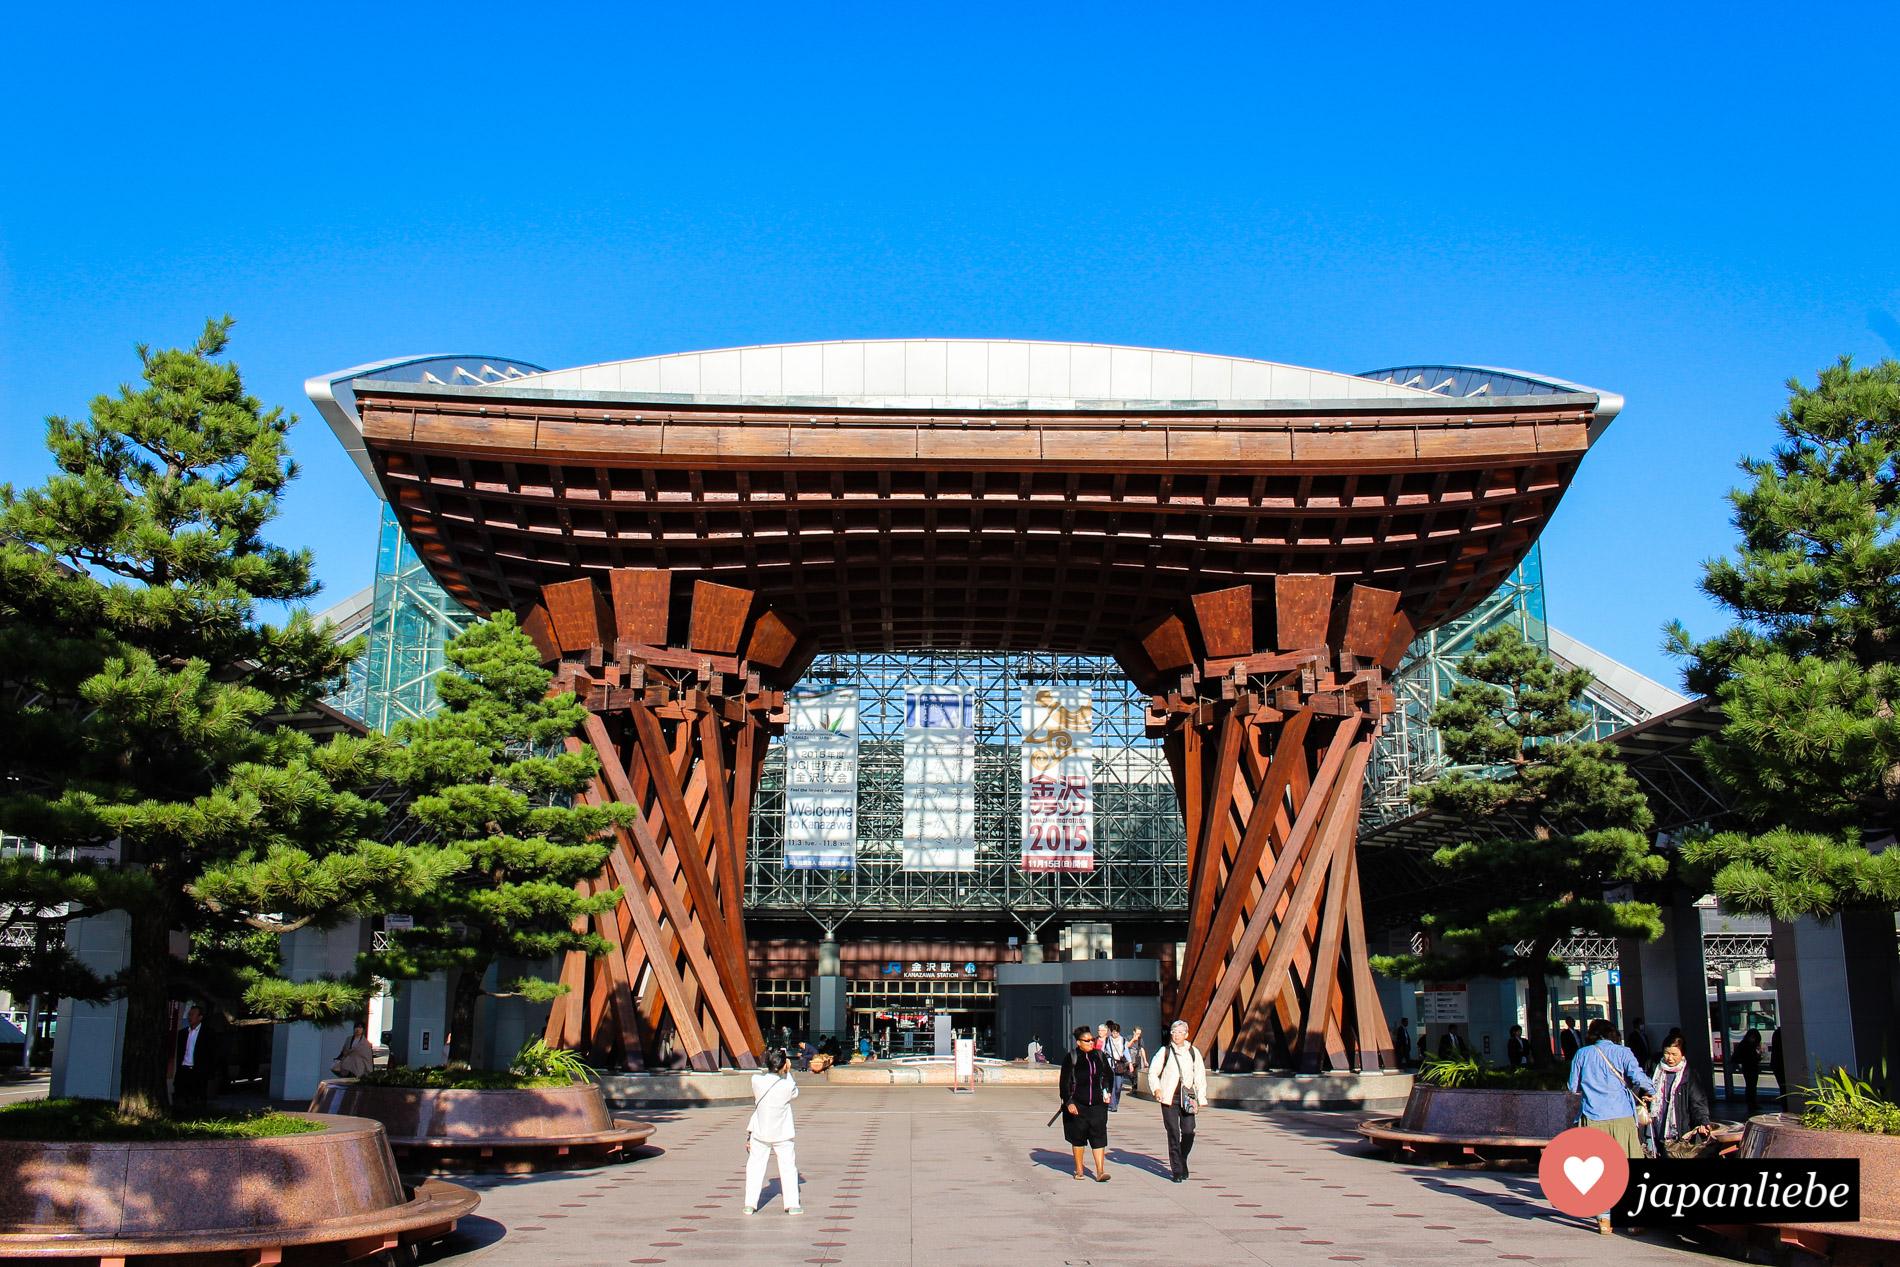 Seit 2005 macht das Tsuzumi-mon Tor schon die Ankunft am Bahnhof Kanazawa zum echten Hingucker.